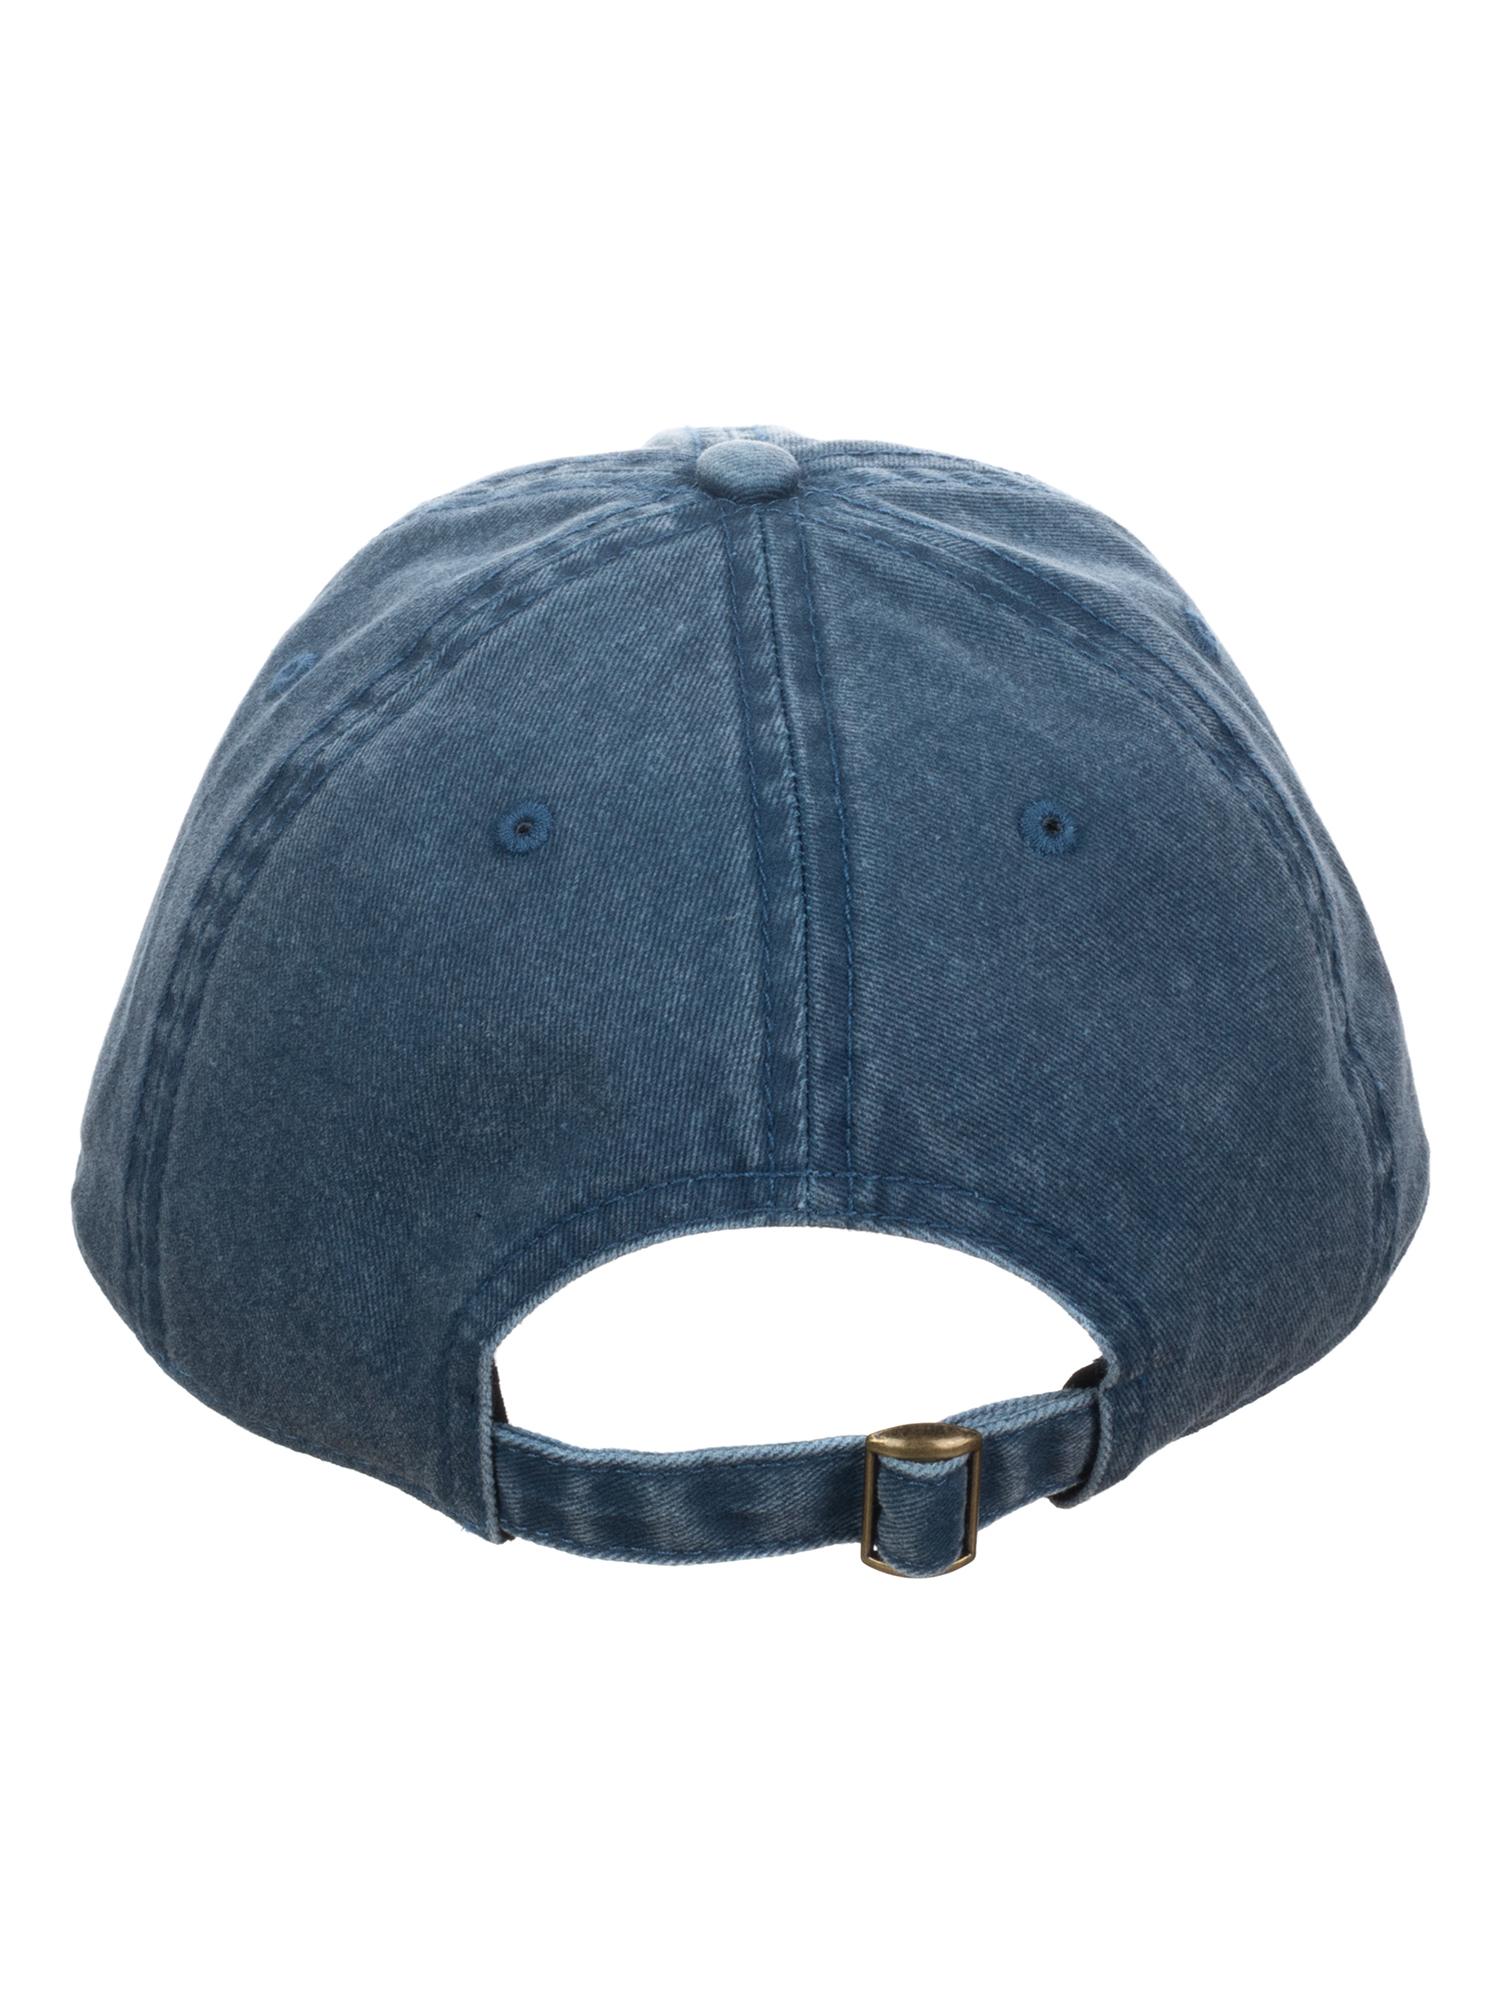 TM The Child Denim Hat 3